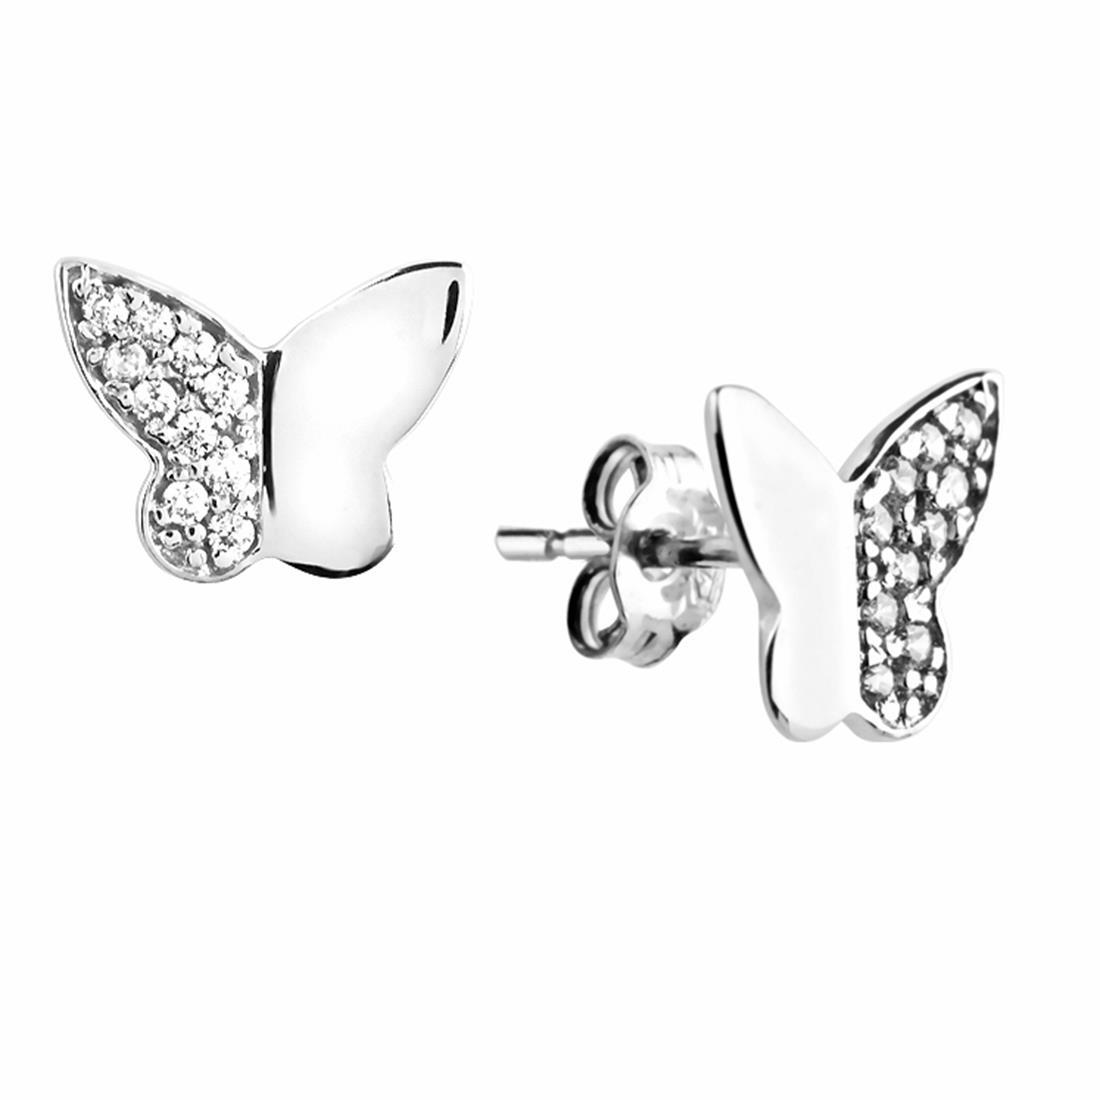 Orecchini in oro bianco con zirconi, design farfalla - ORO&CO